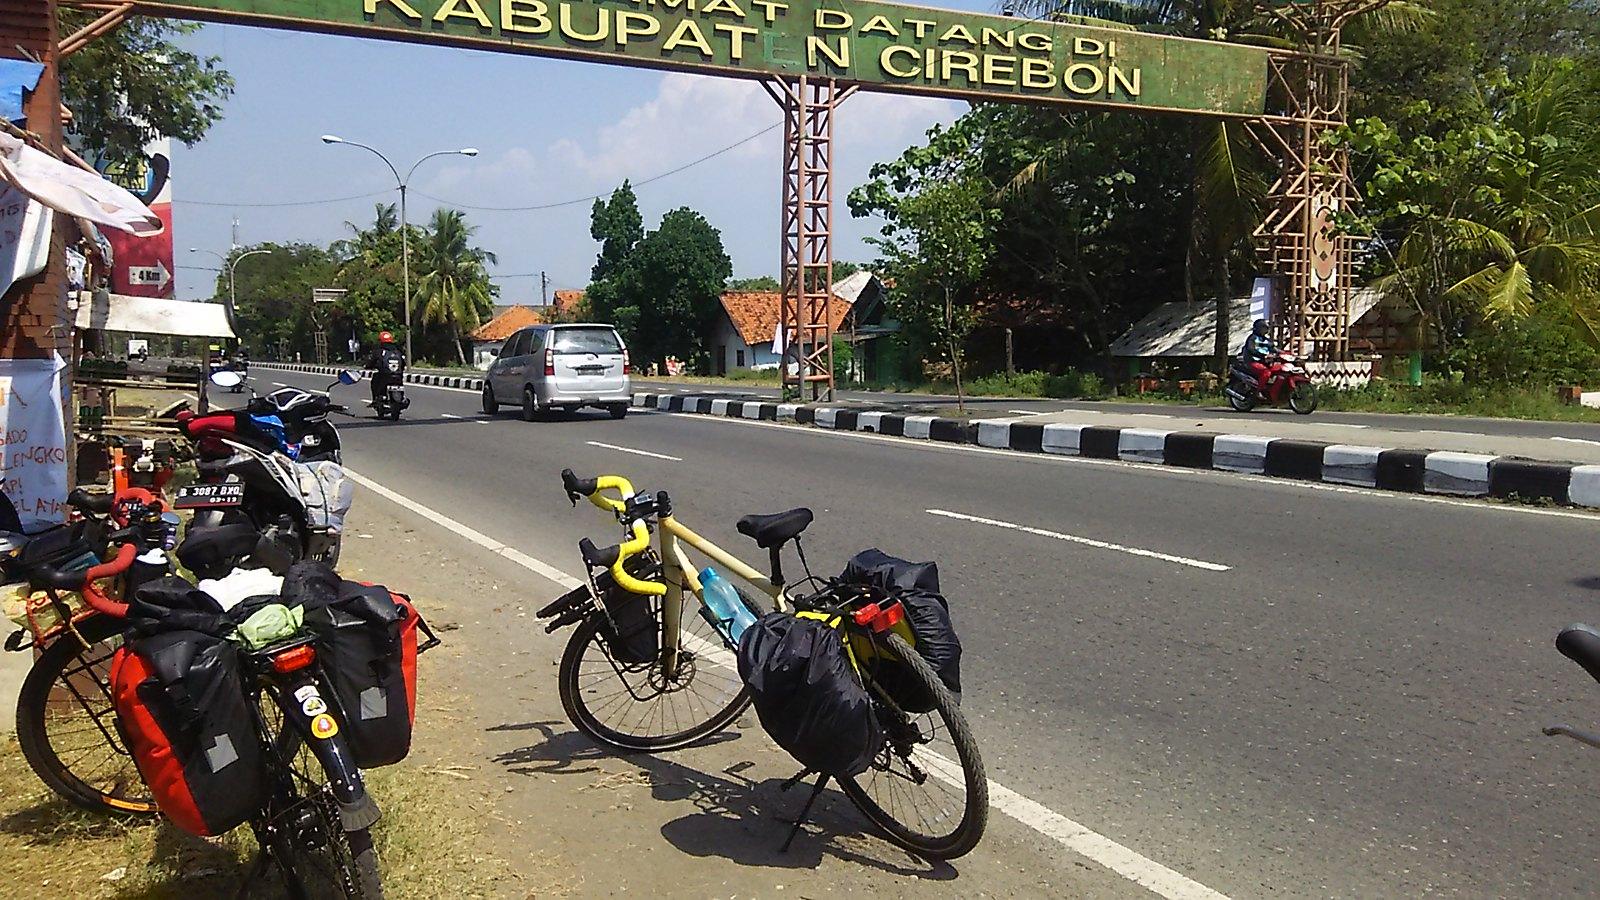 Sampai di Cirebon